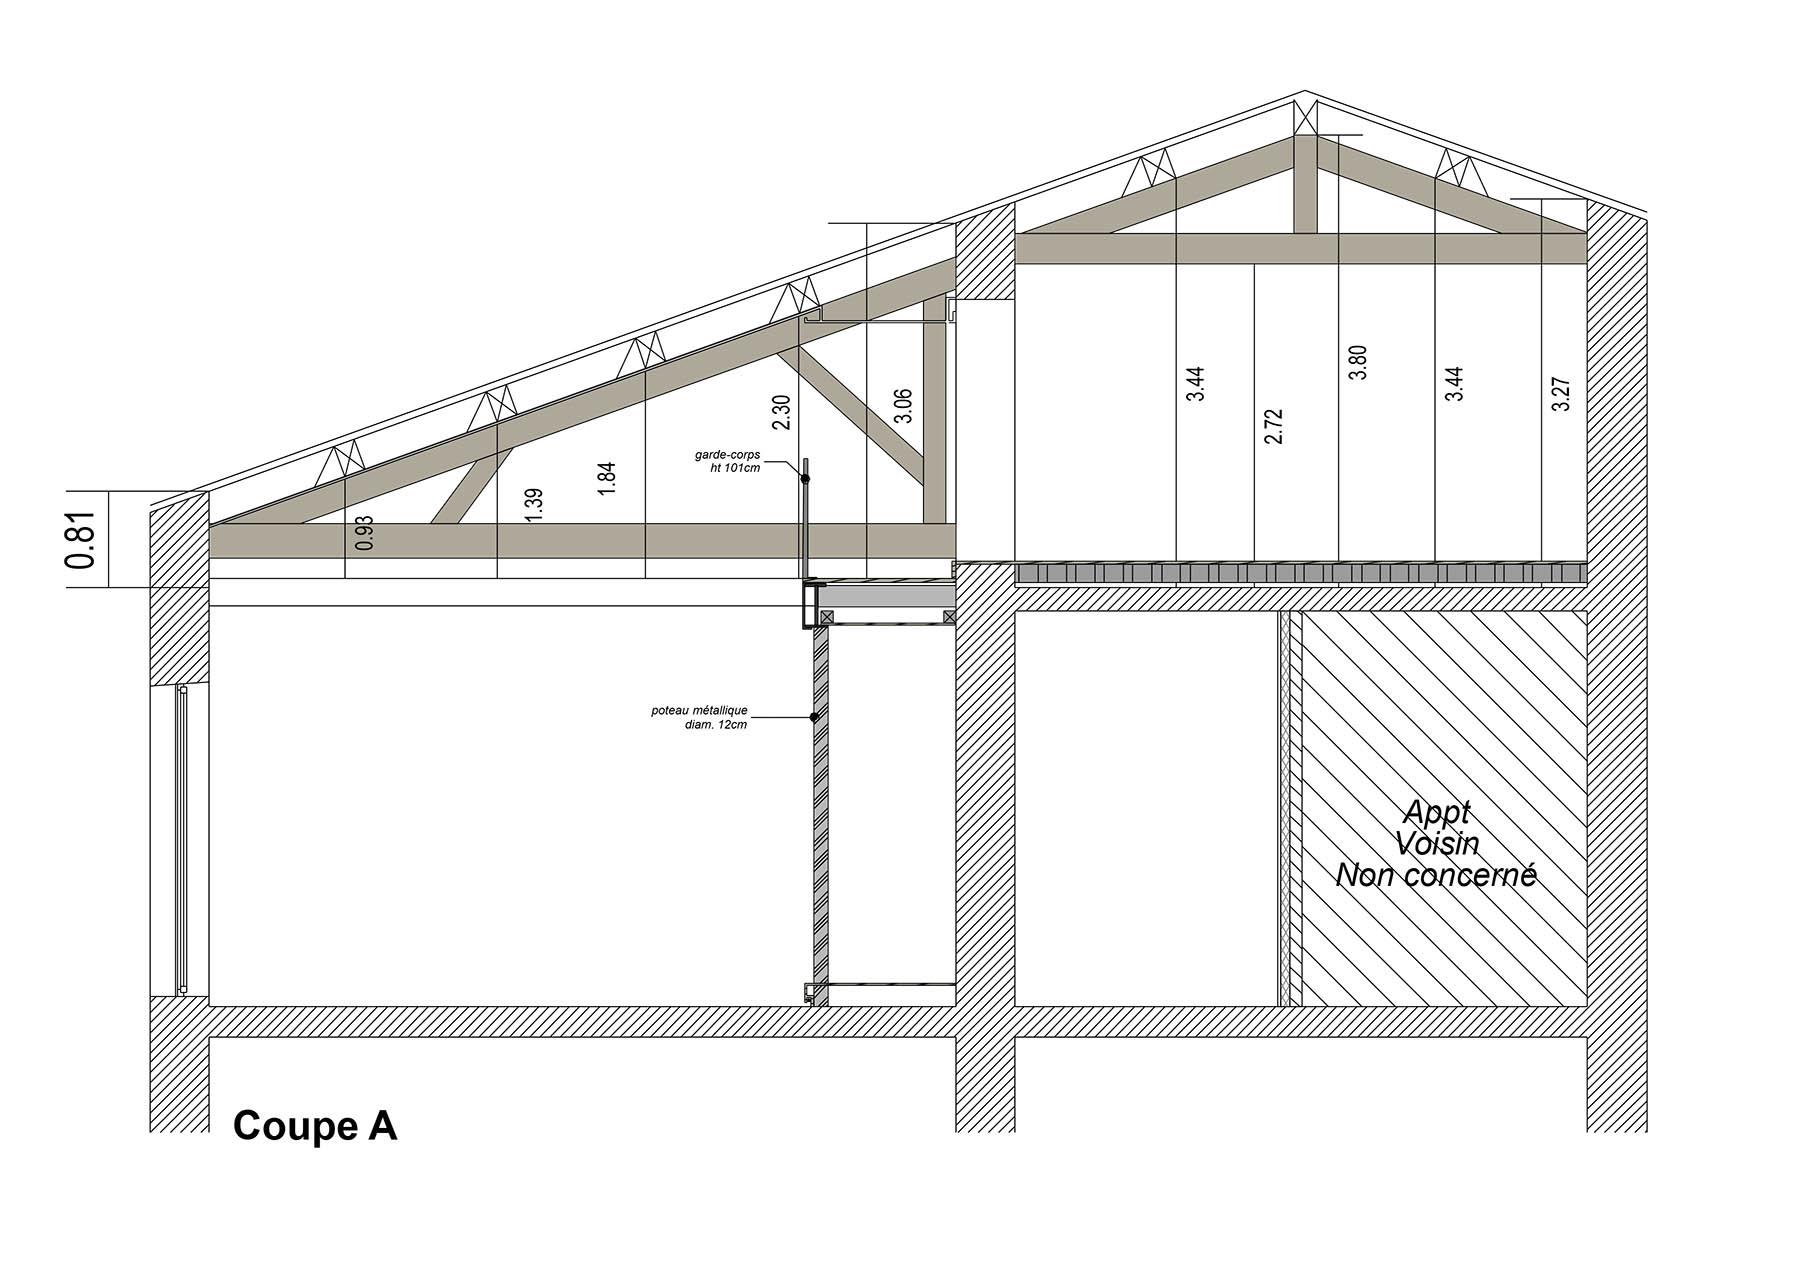 duplex-architecture-12.jpg